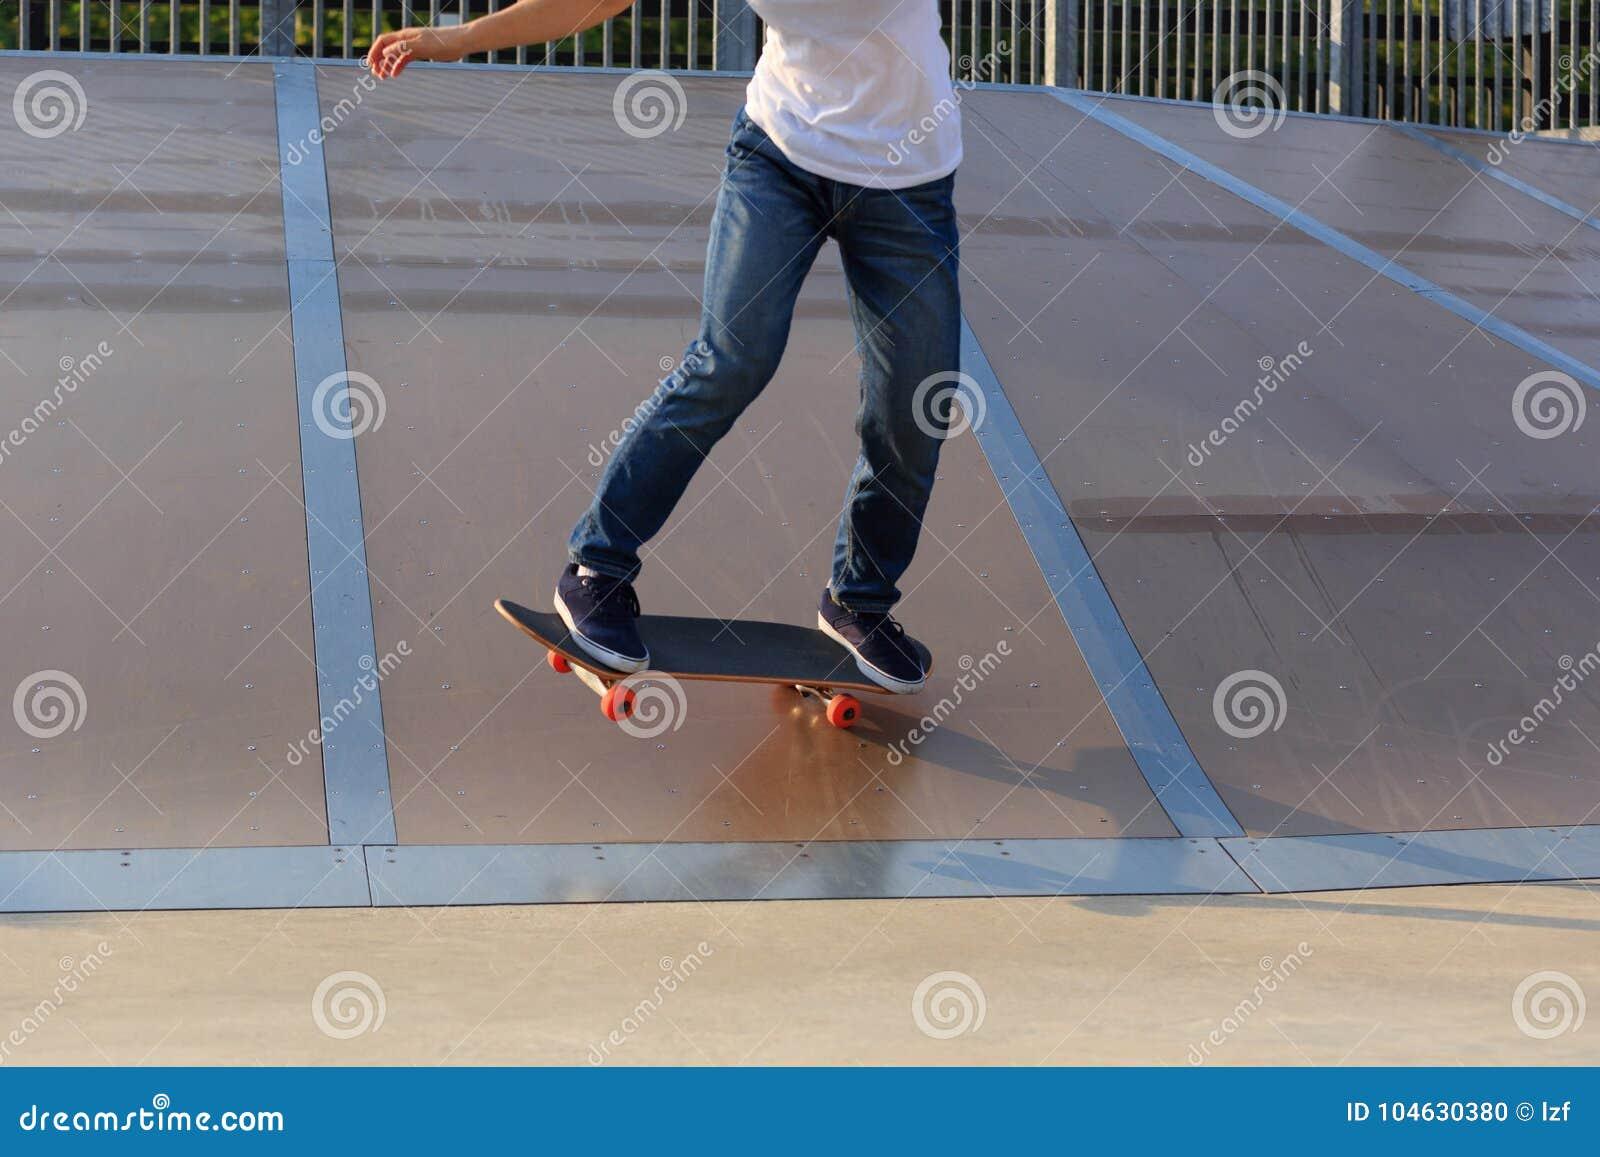 Download Skateboarderbenen Het Met Een Skateboard Rijden Stock Foto - Afbeelding bestaande uit zwart, hipster: 104630380